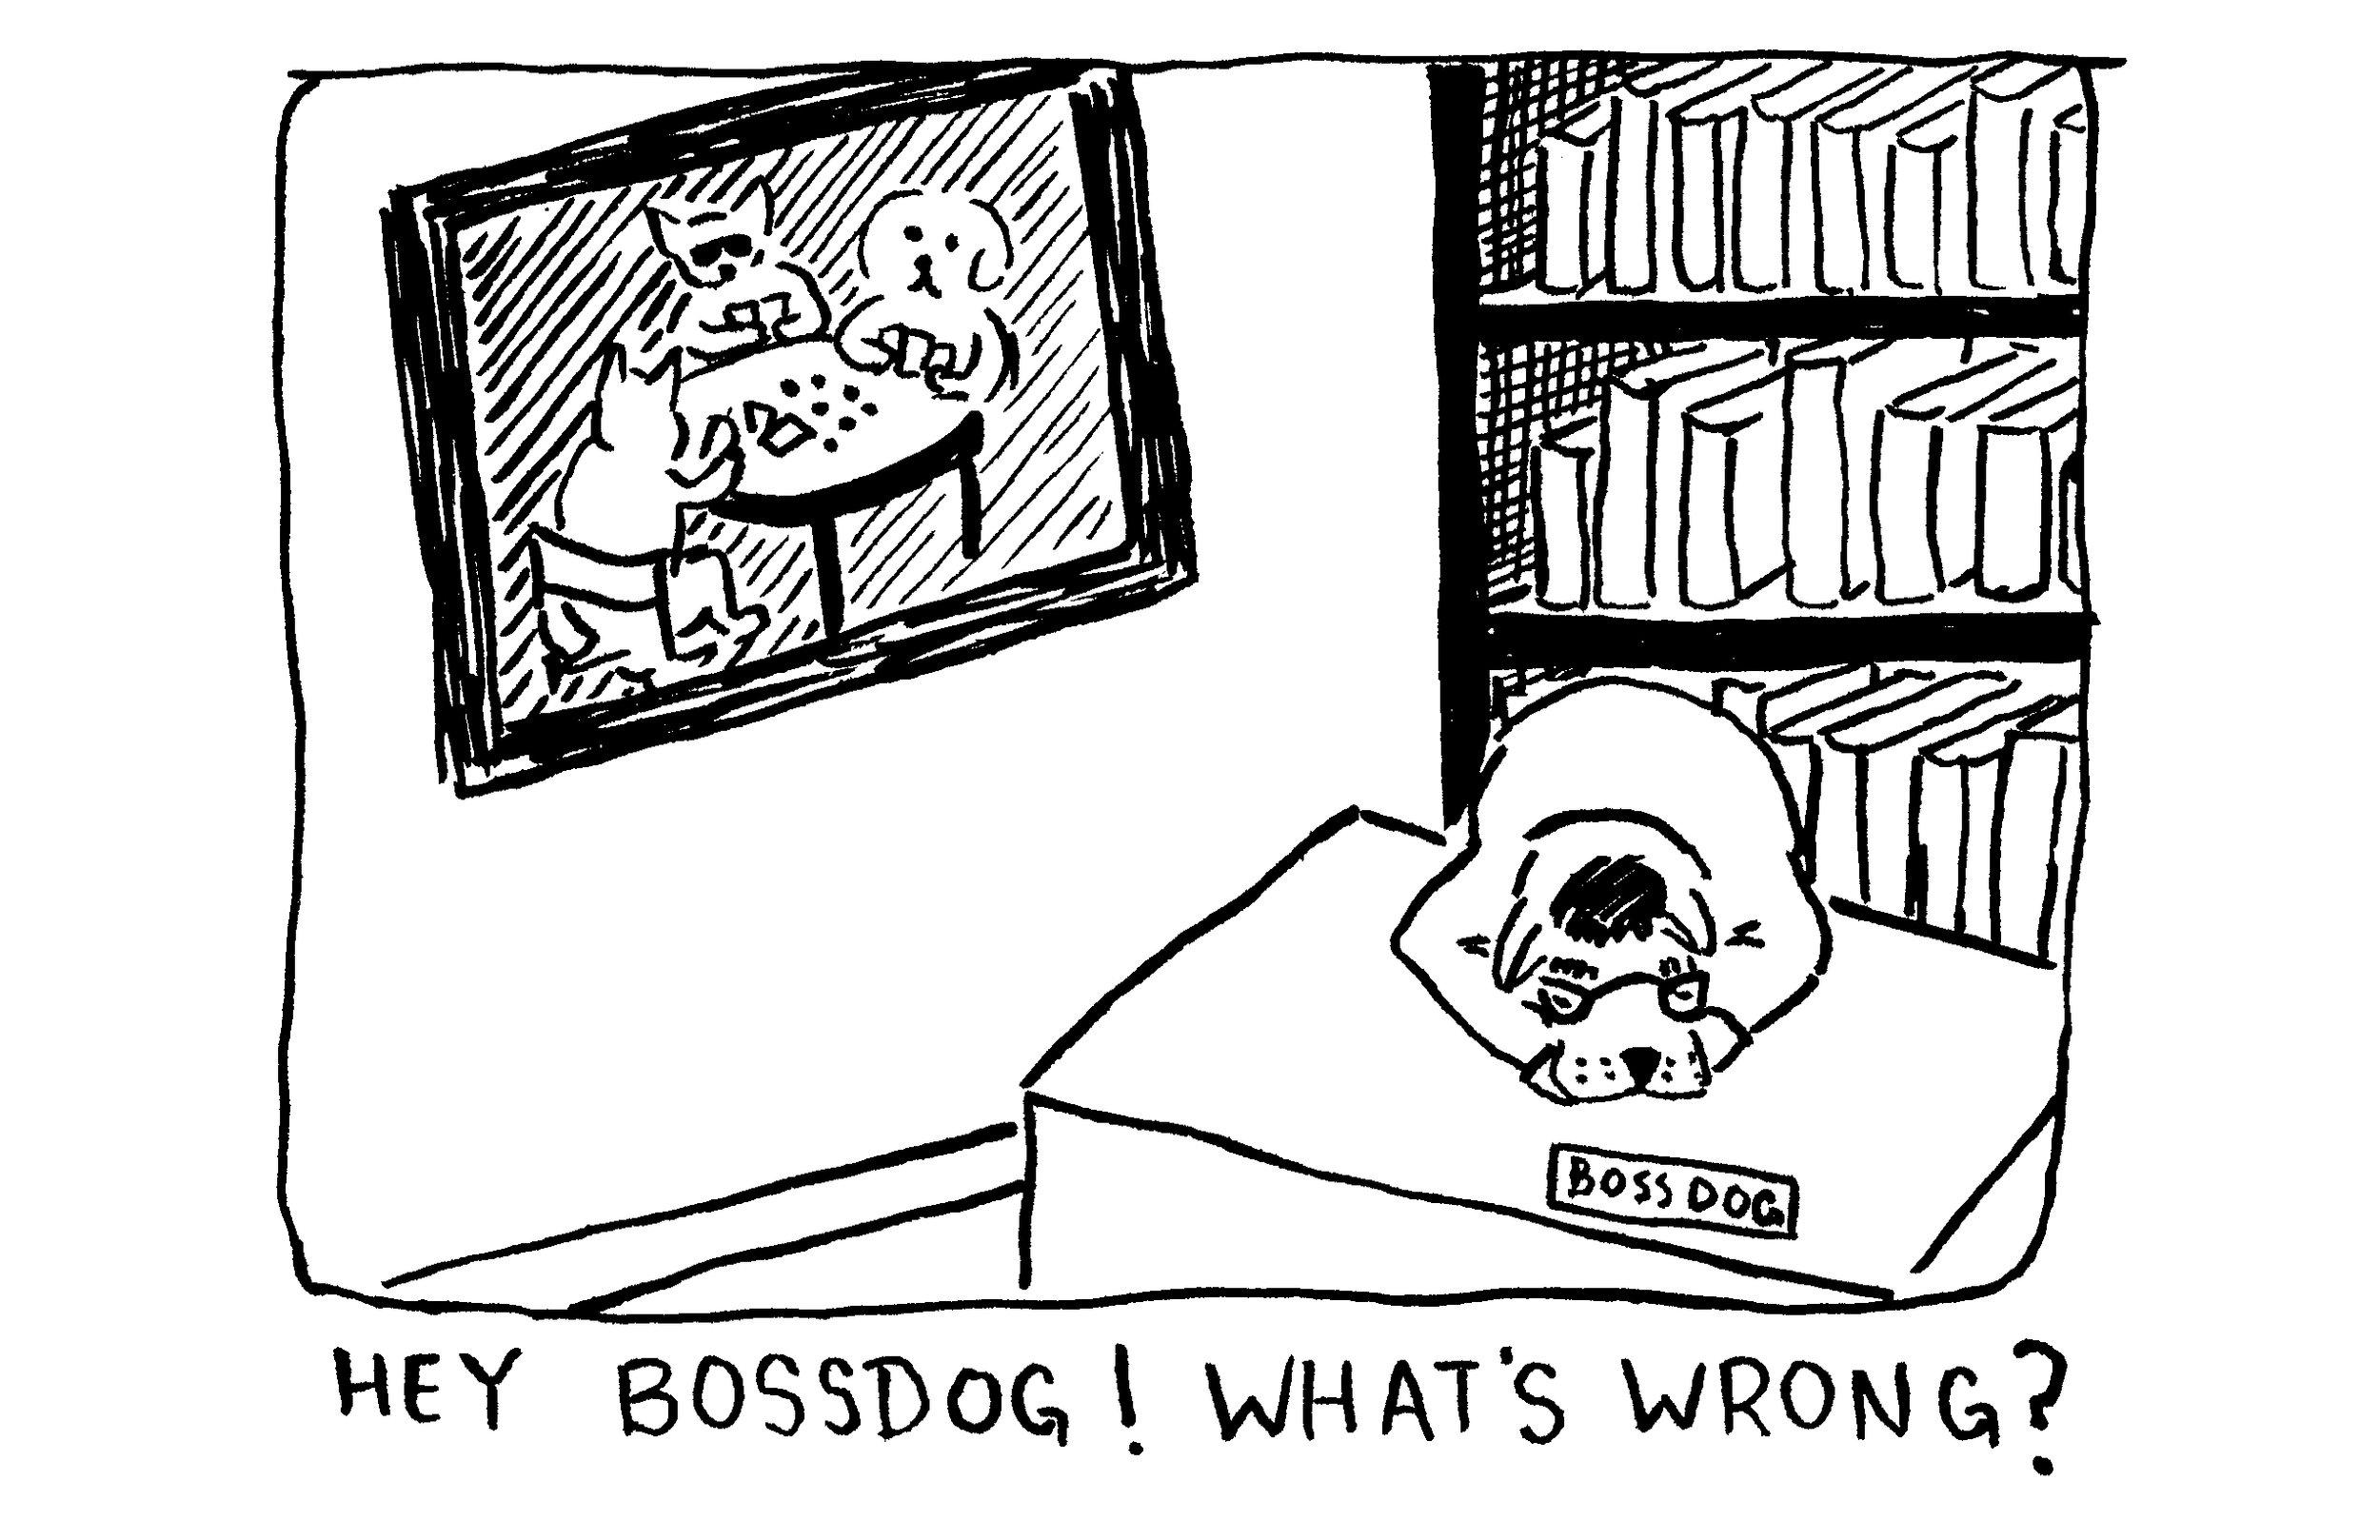 04_bossdog.jpg